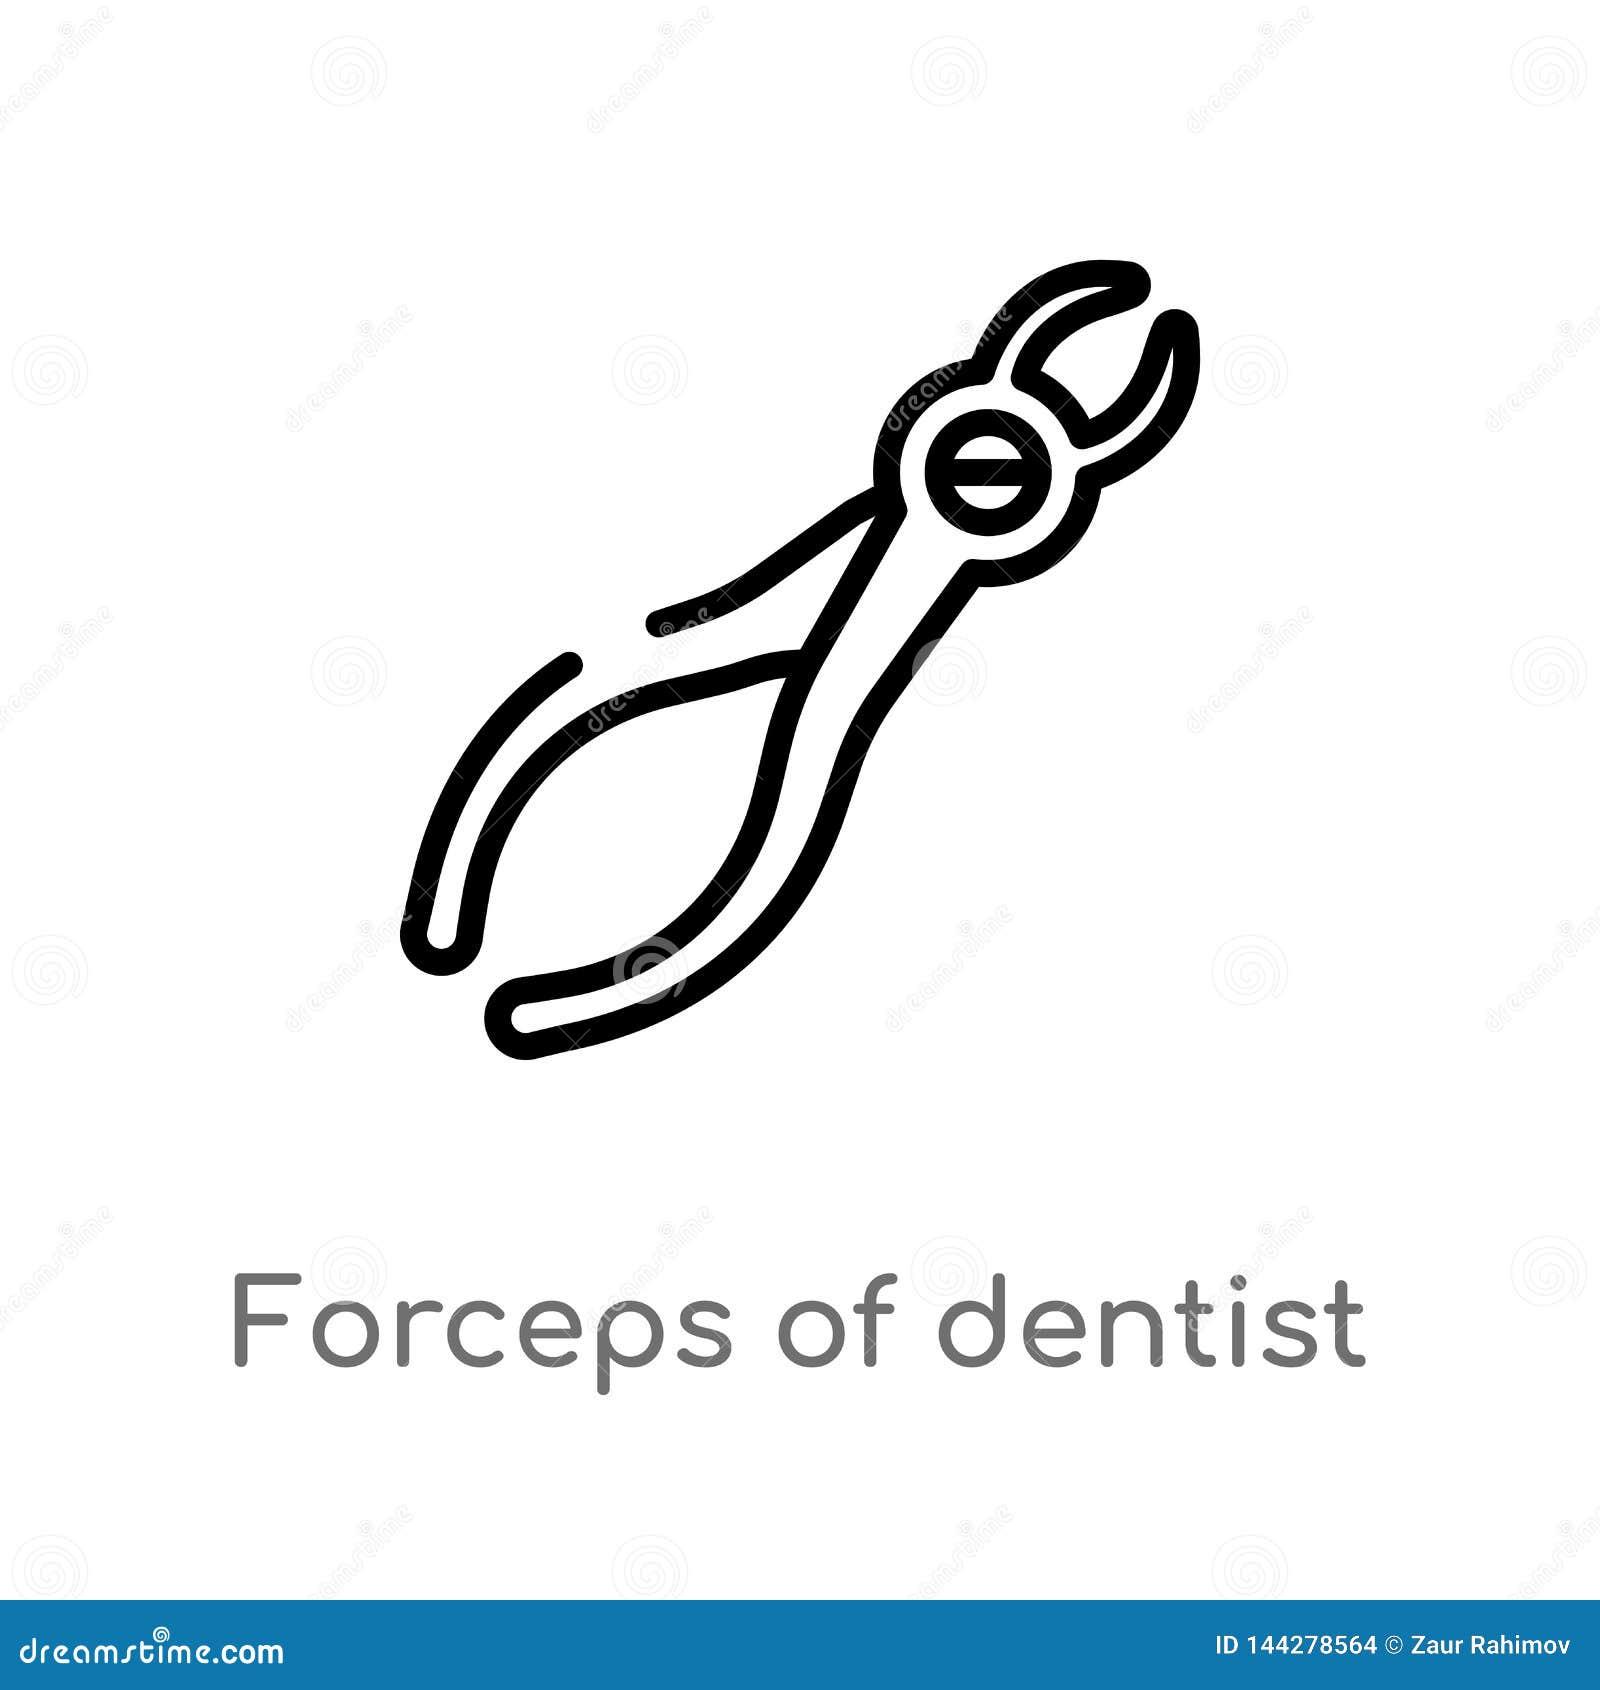 λαβίδες περιλήψεων του διανυσματικού εικονιδίου εργαλείων οδοντιάτρων απομονωμένη μαύρη απλή απεικόνιση στοιχείων γραμμών από την